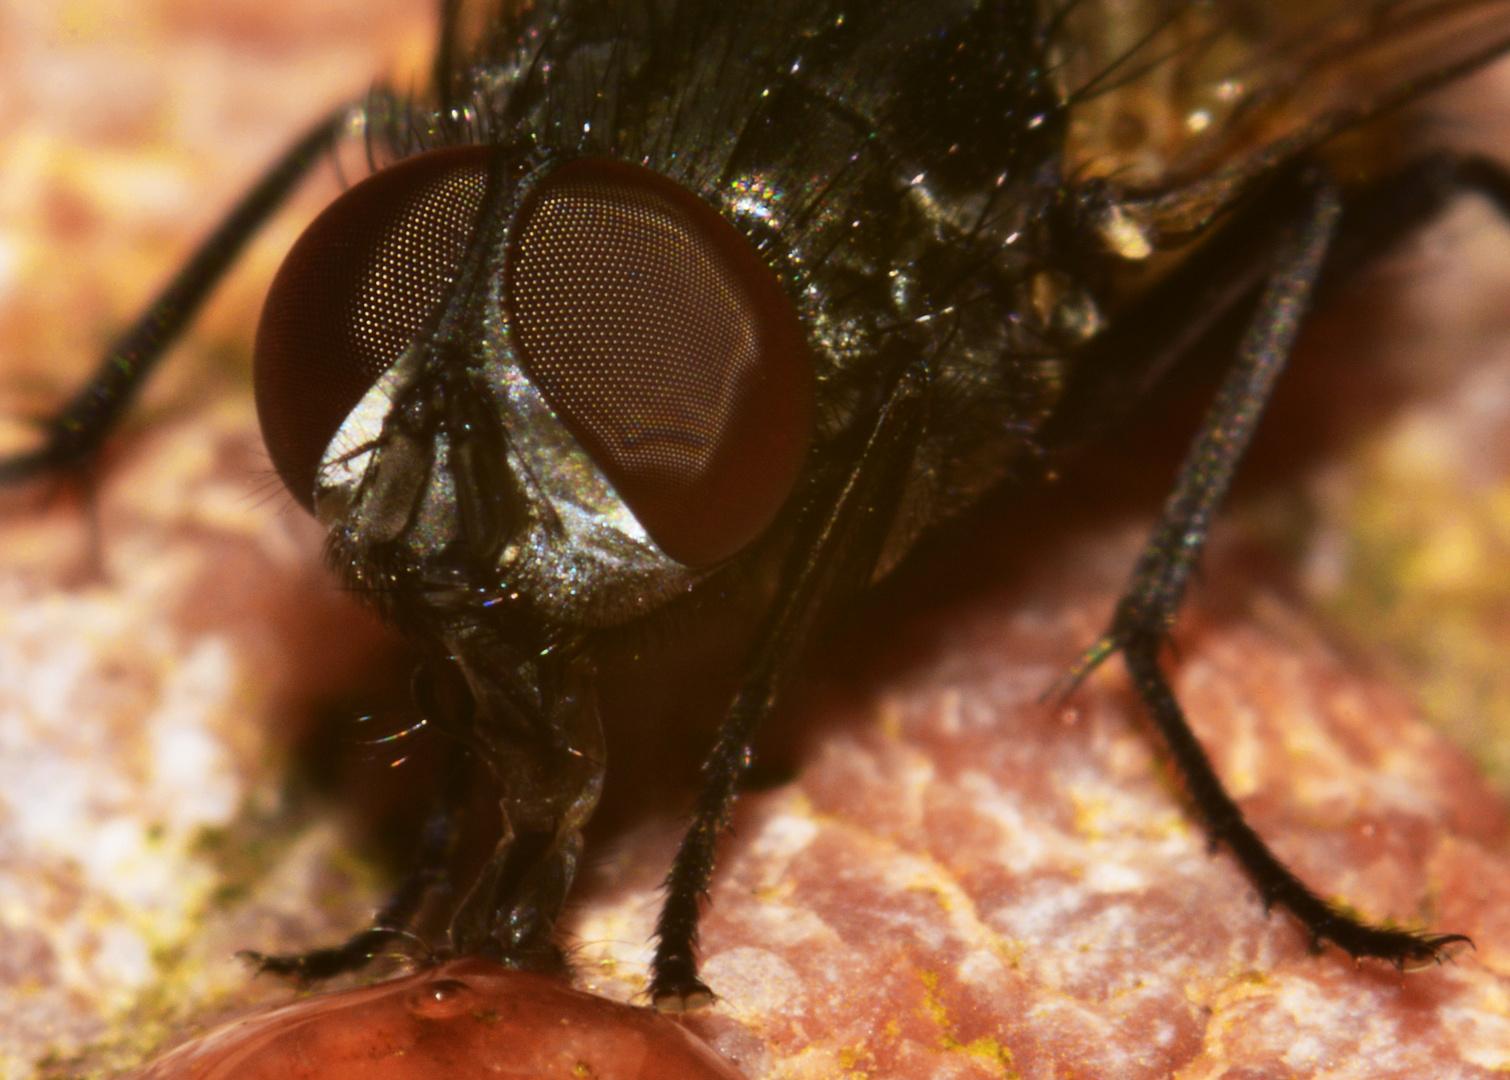 Anatomie & Physiologie des Saugrüsselapparates der Fliege